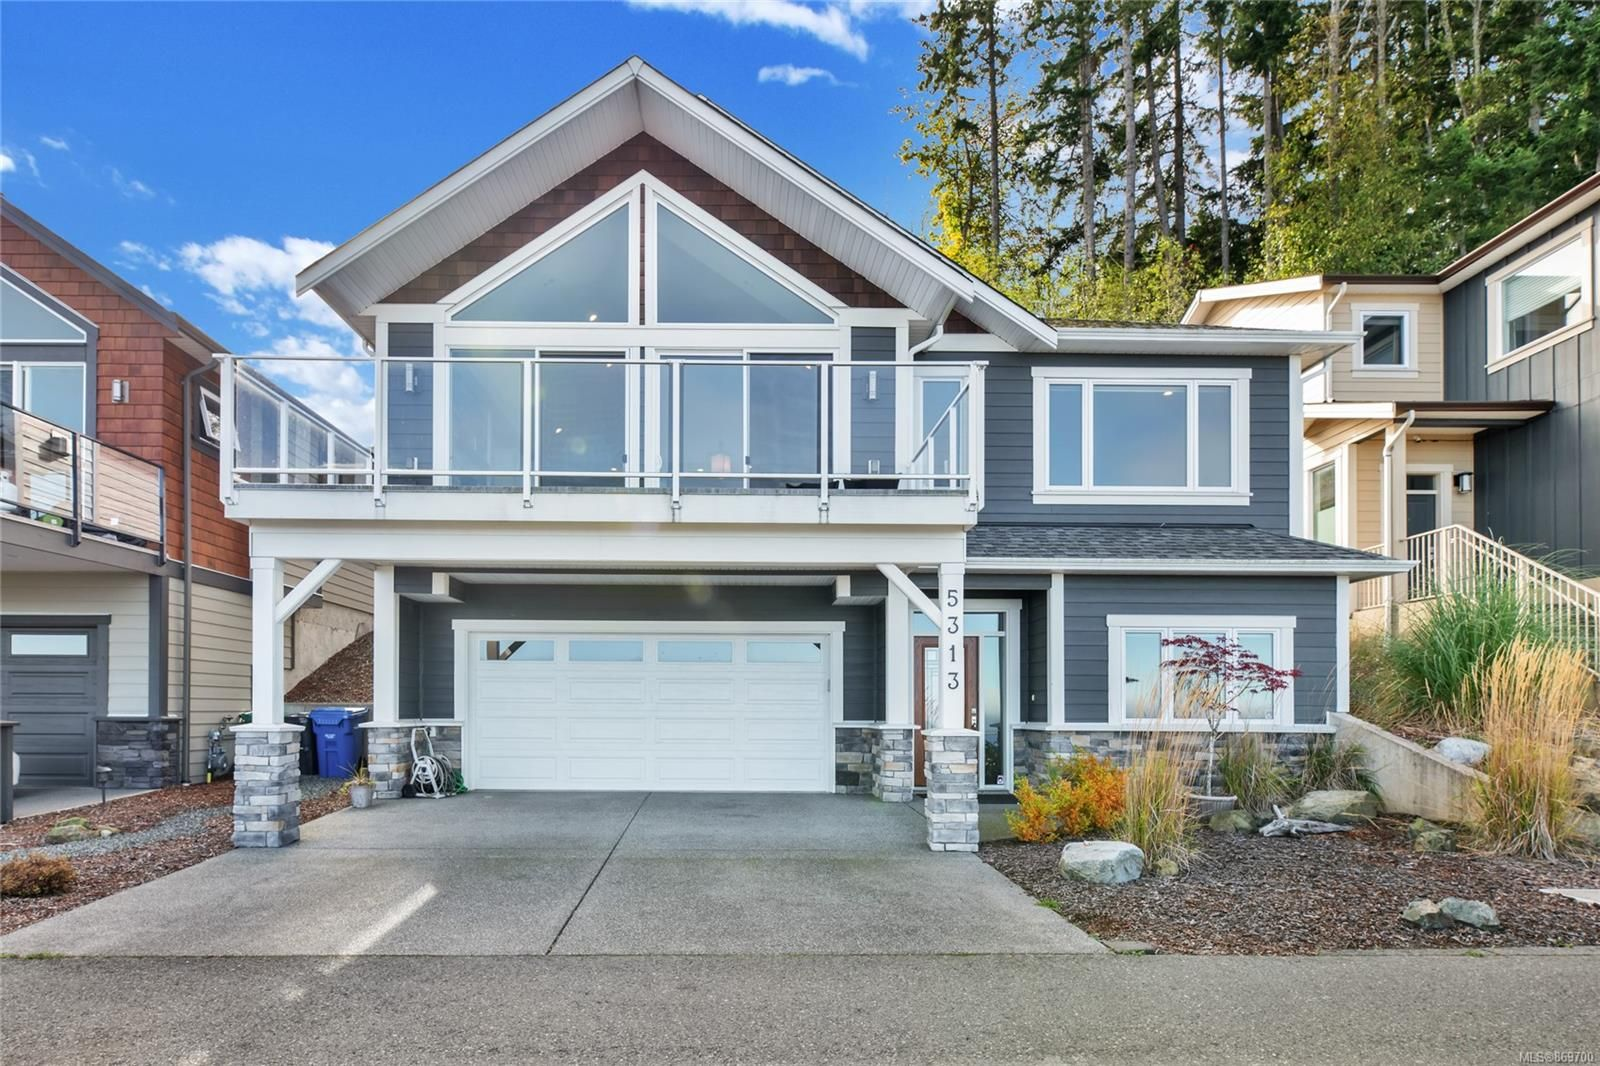 Main Photo: 5313 Royal Sea View in : Na North Nanaimo House for sale (Nanaimo)  : MLS®# 869700